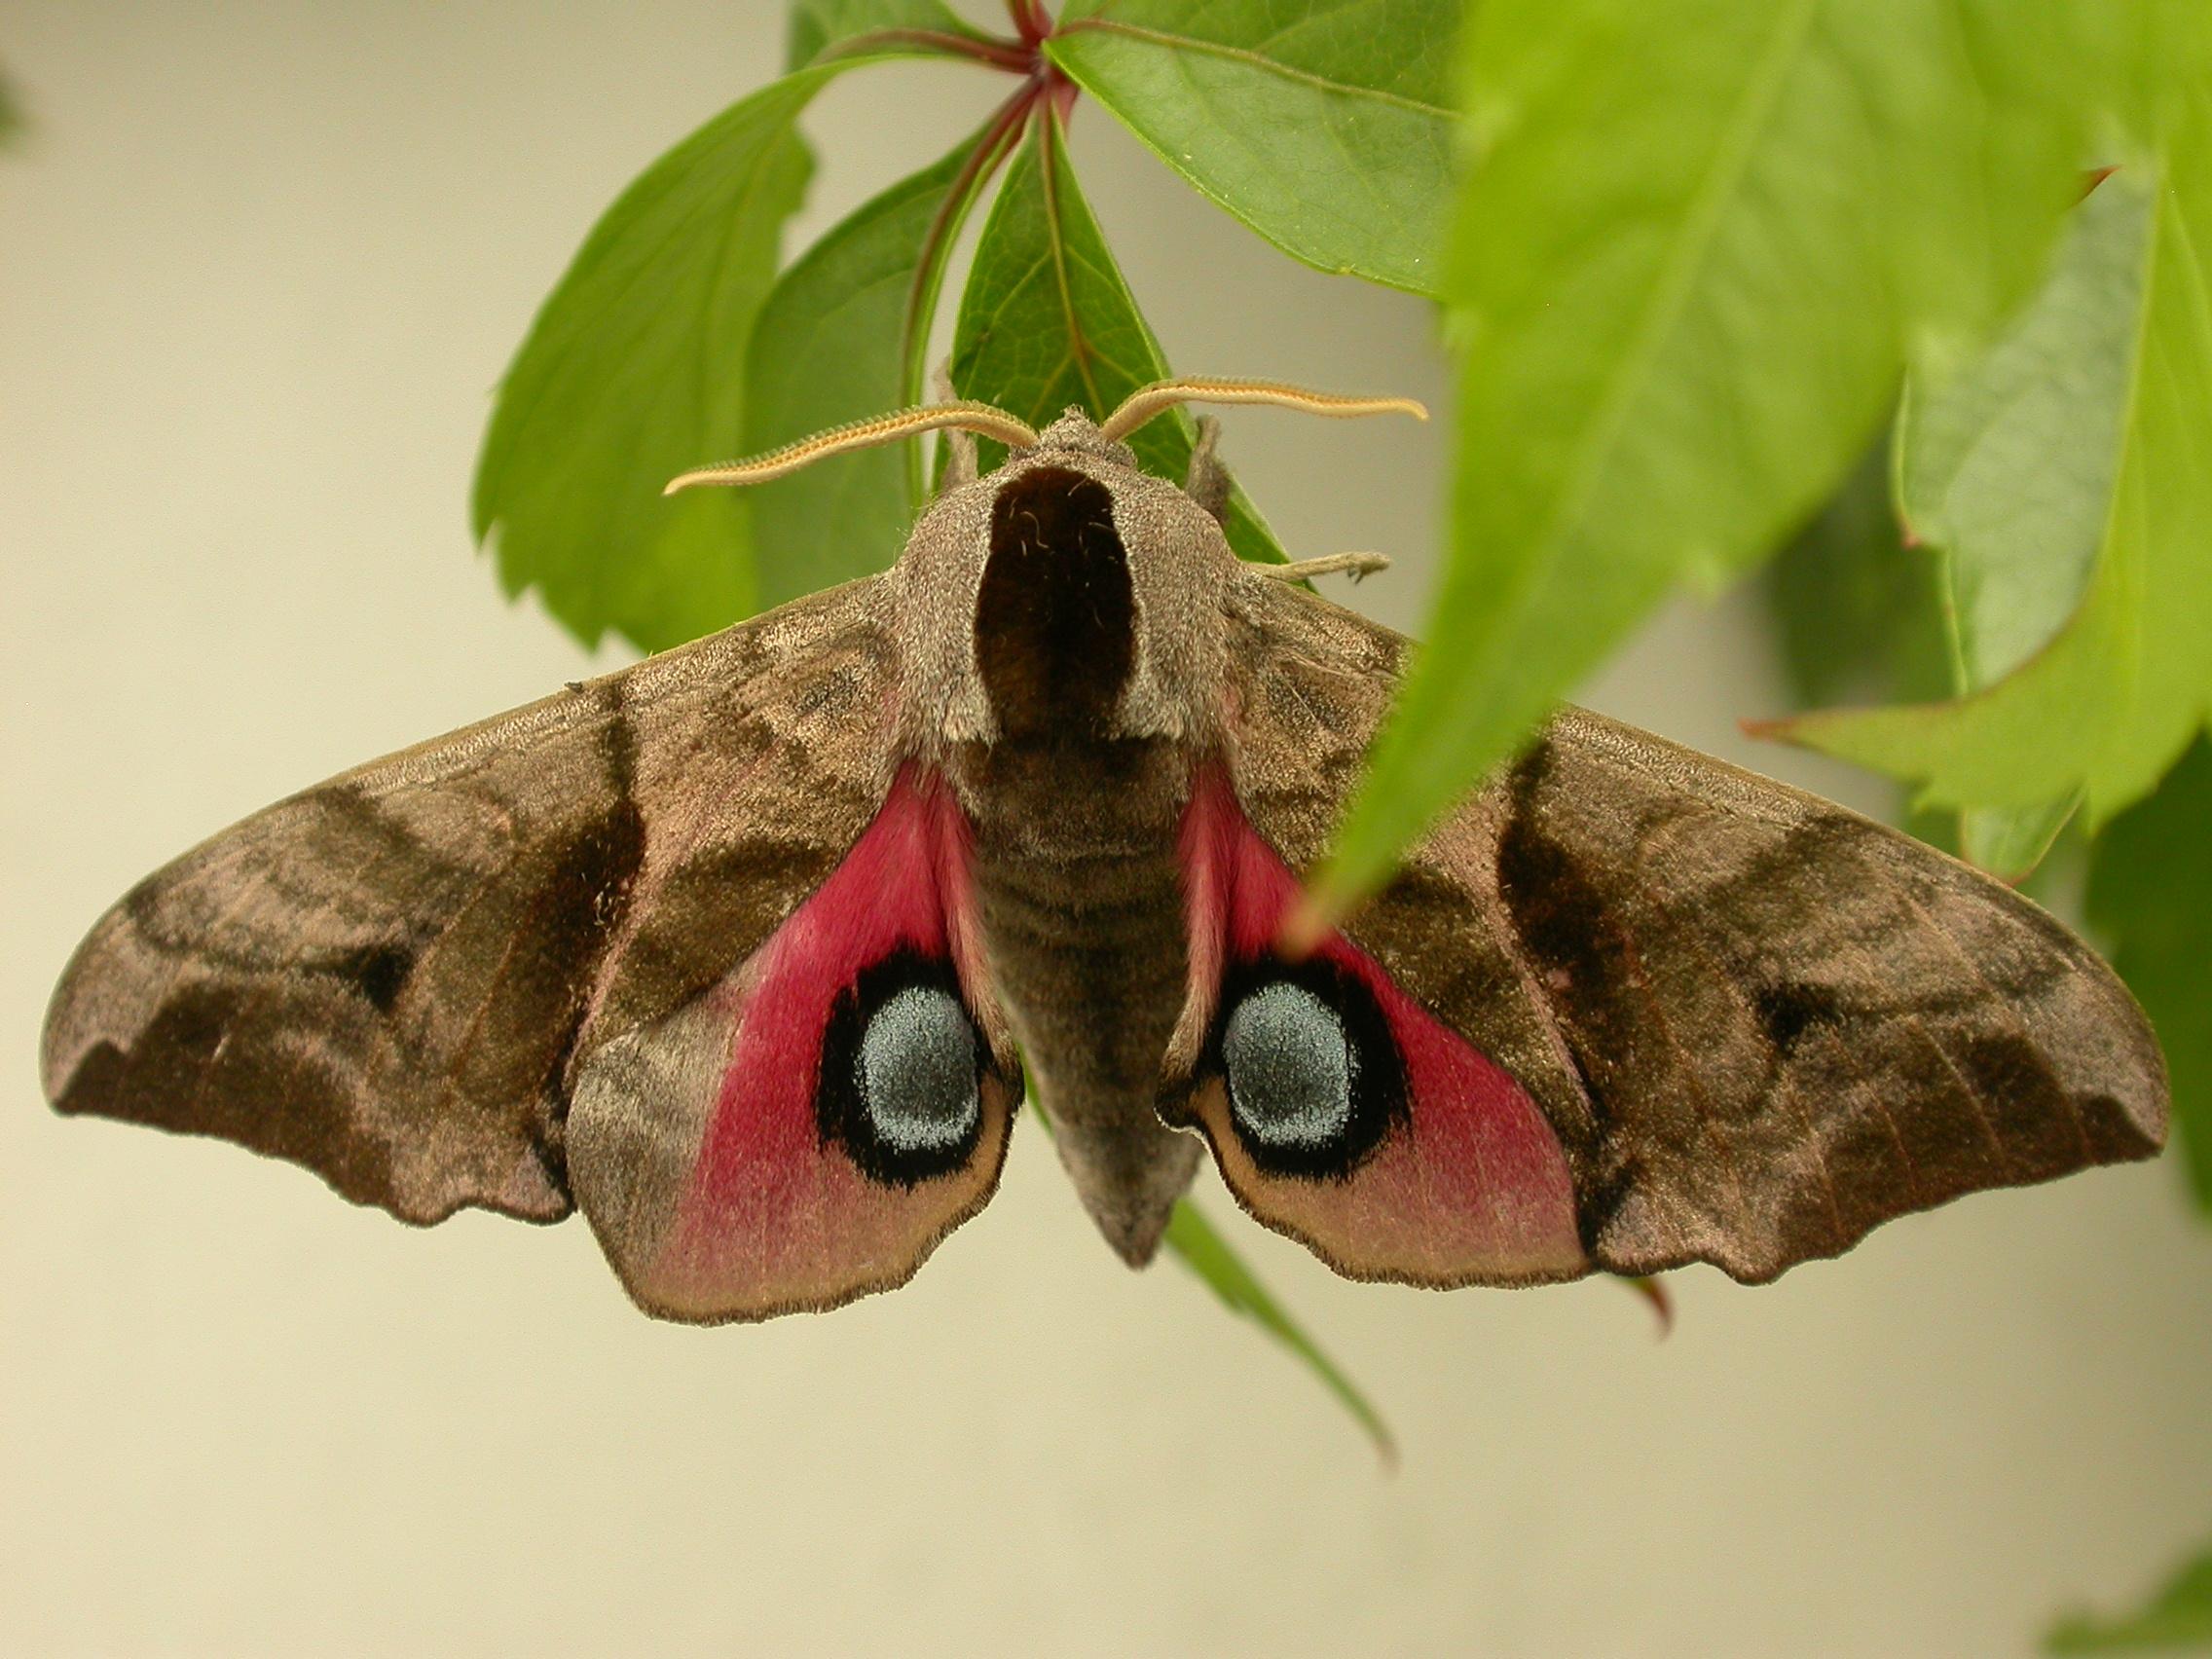 Крупная зелёная гусеница бражника глазчатого с голубым «рогом» на хвосте